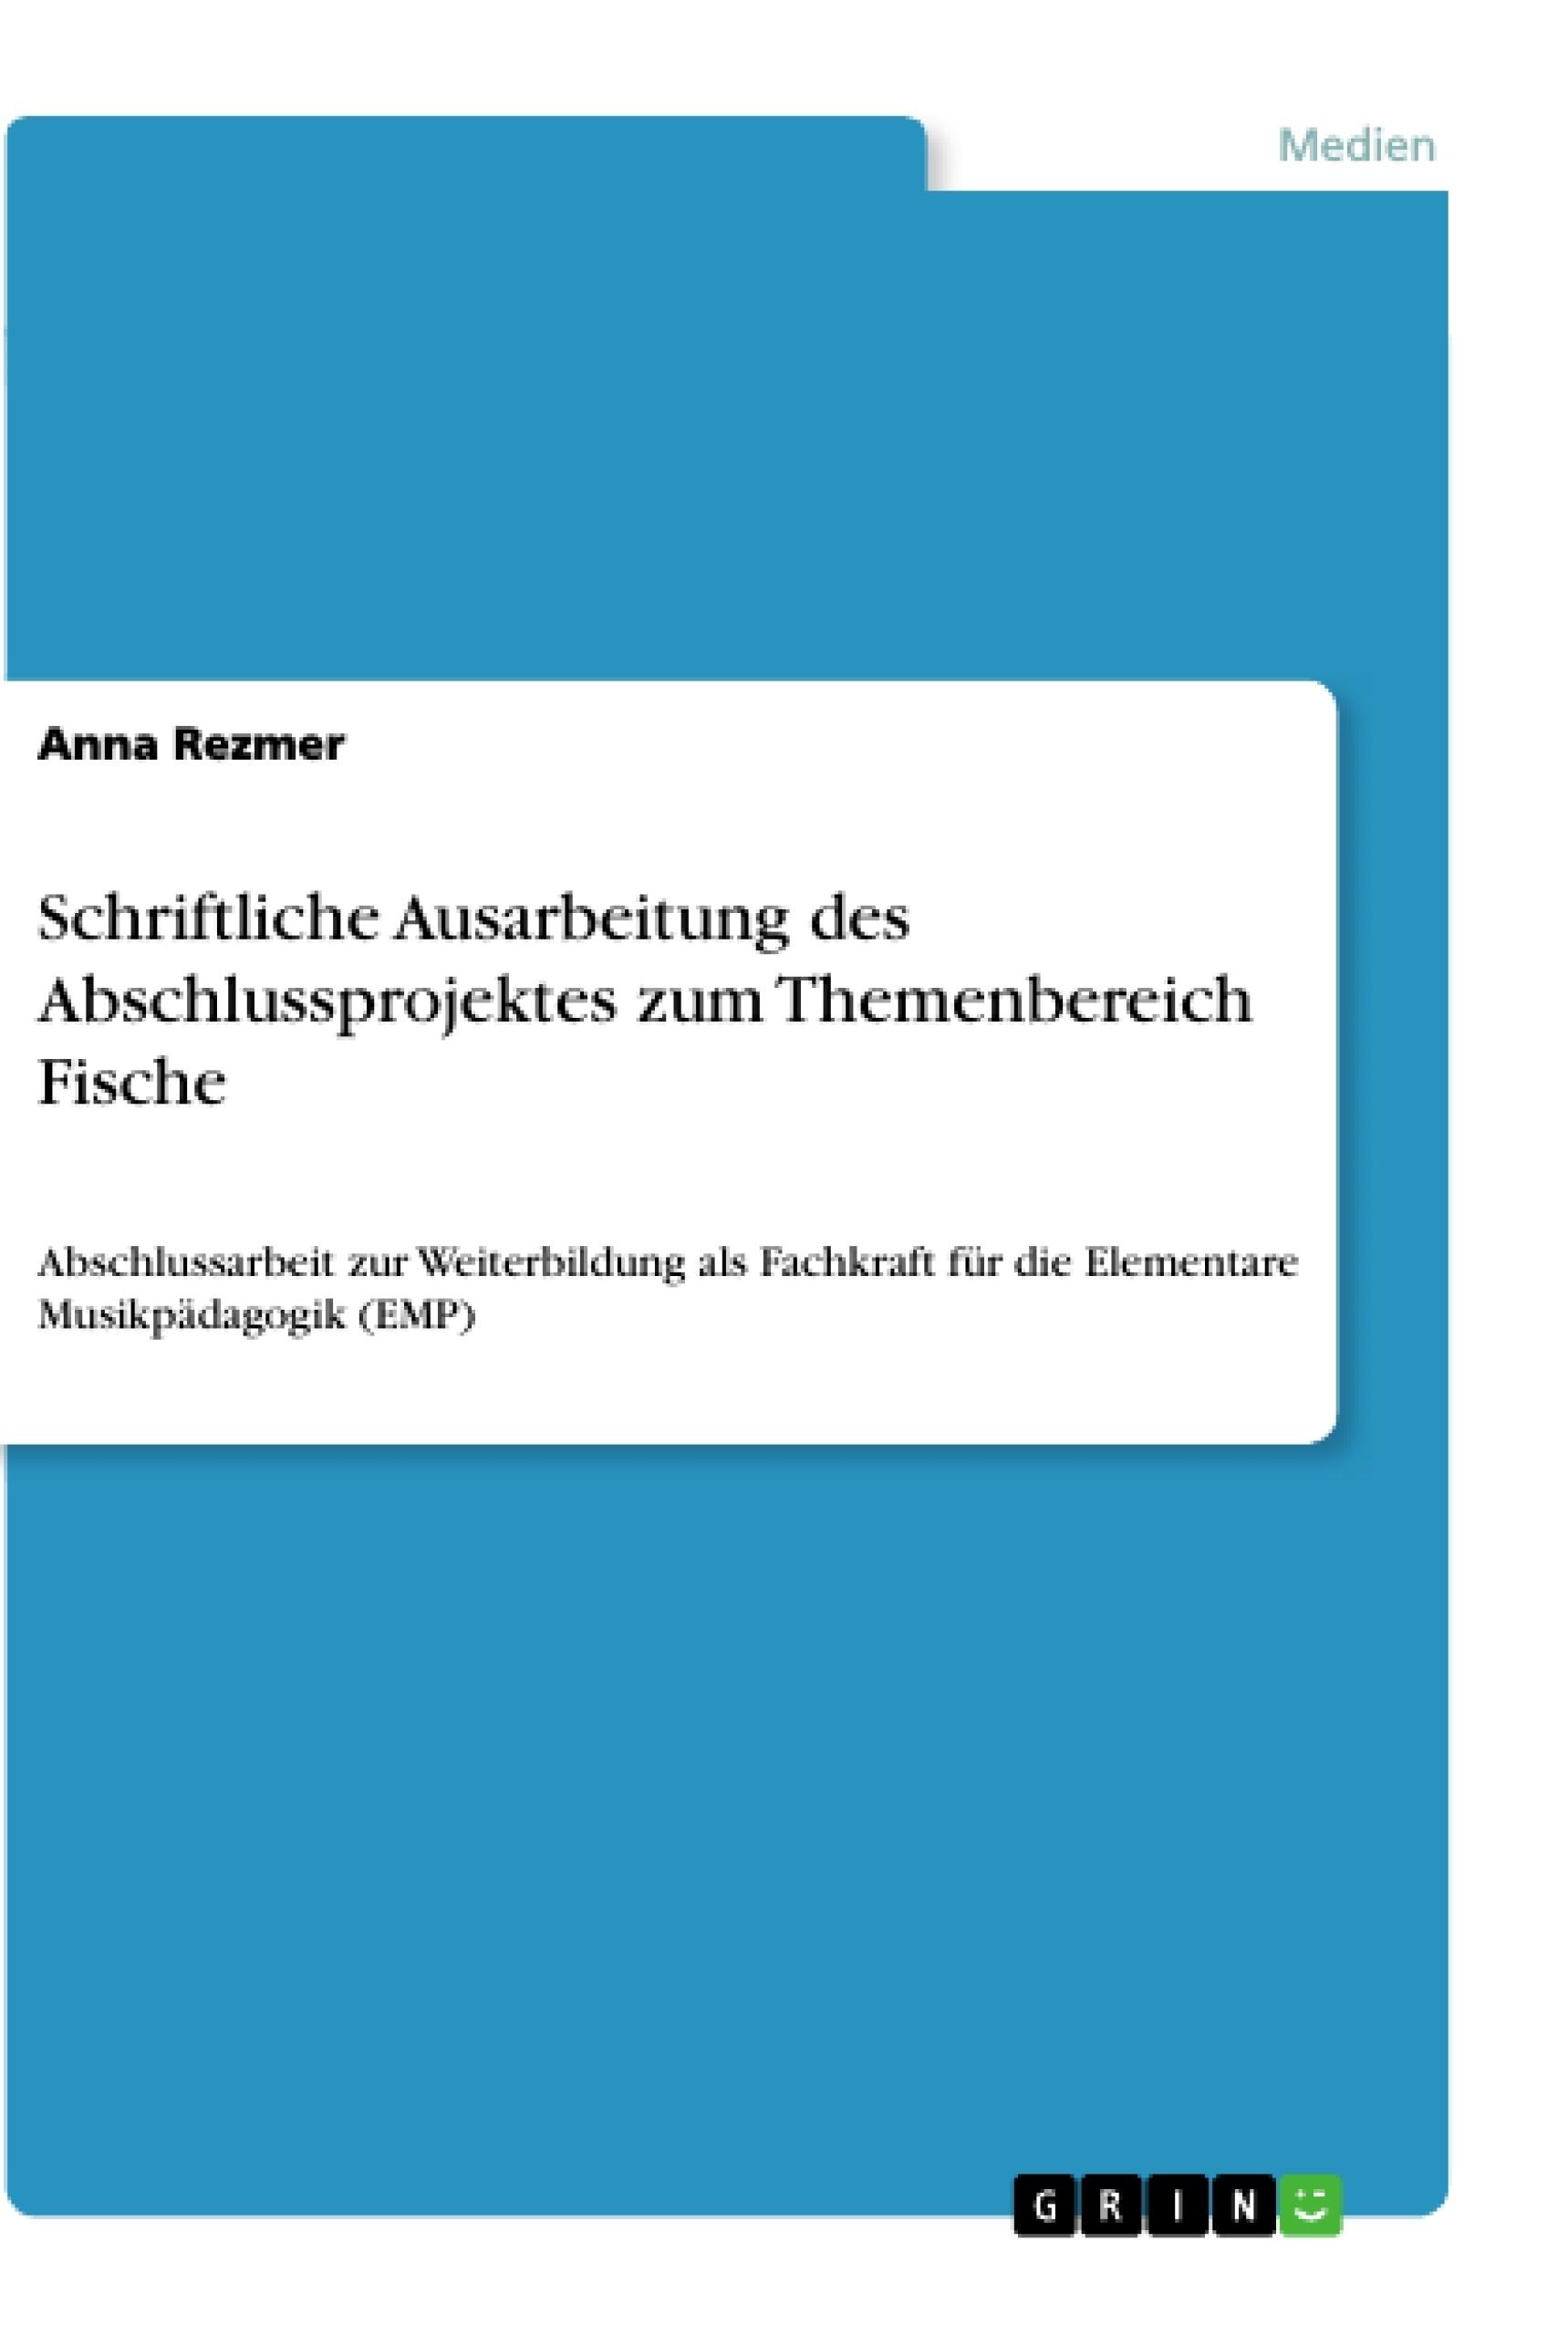 Titel: Schriftliche Ausarbeitung des Abschlussprojektes zum Themenbereich Fische